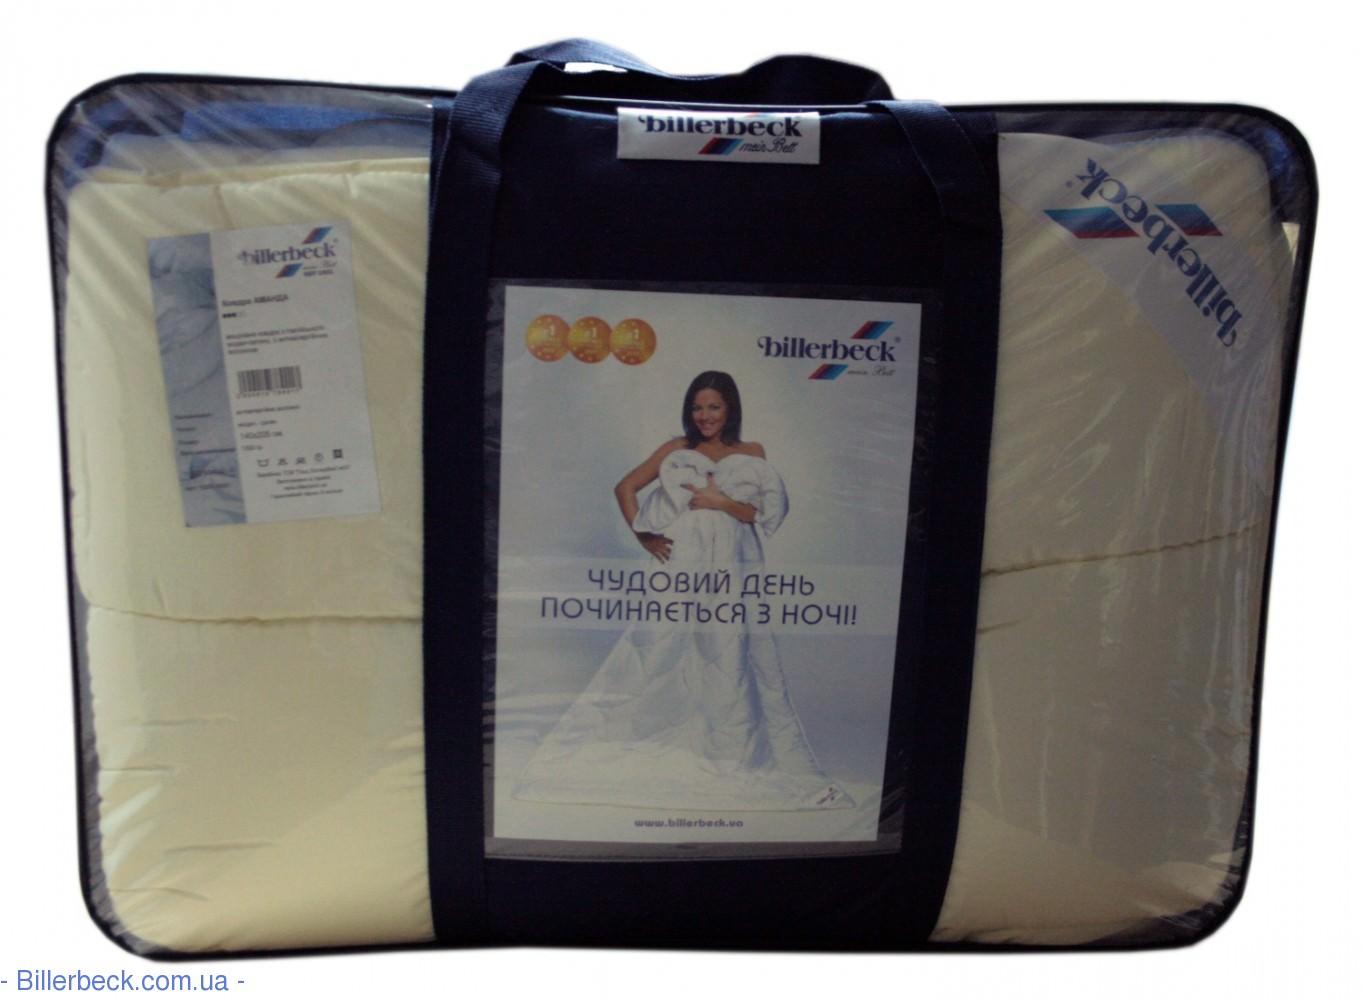 Одеяло антиаллергенное  Аманда Billerbeck - 1